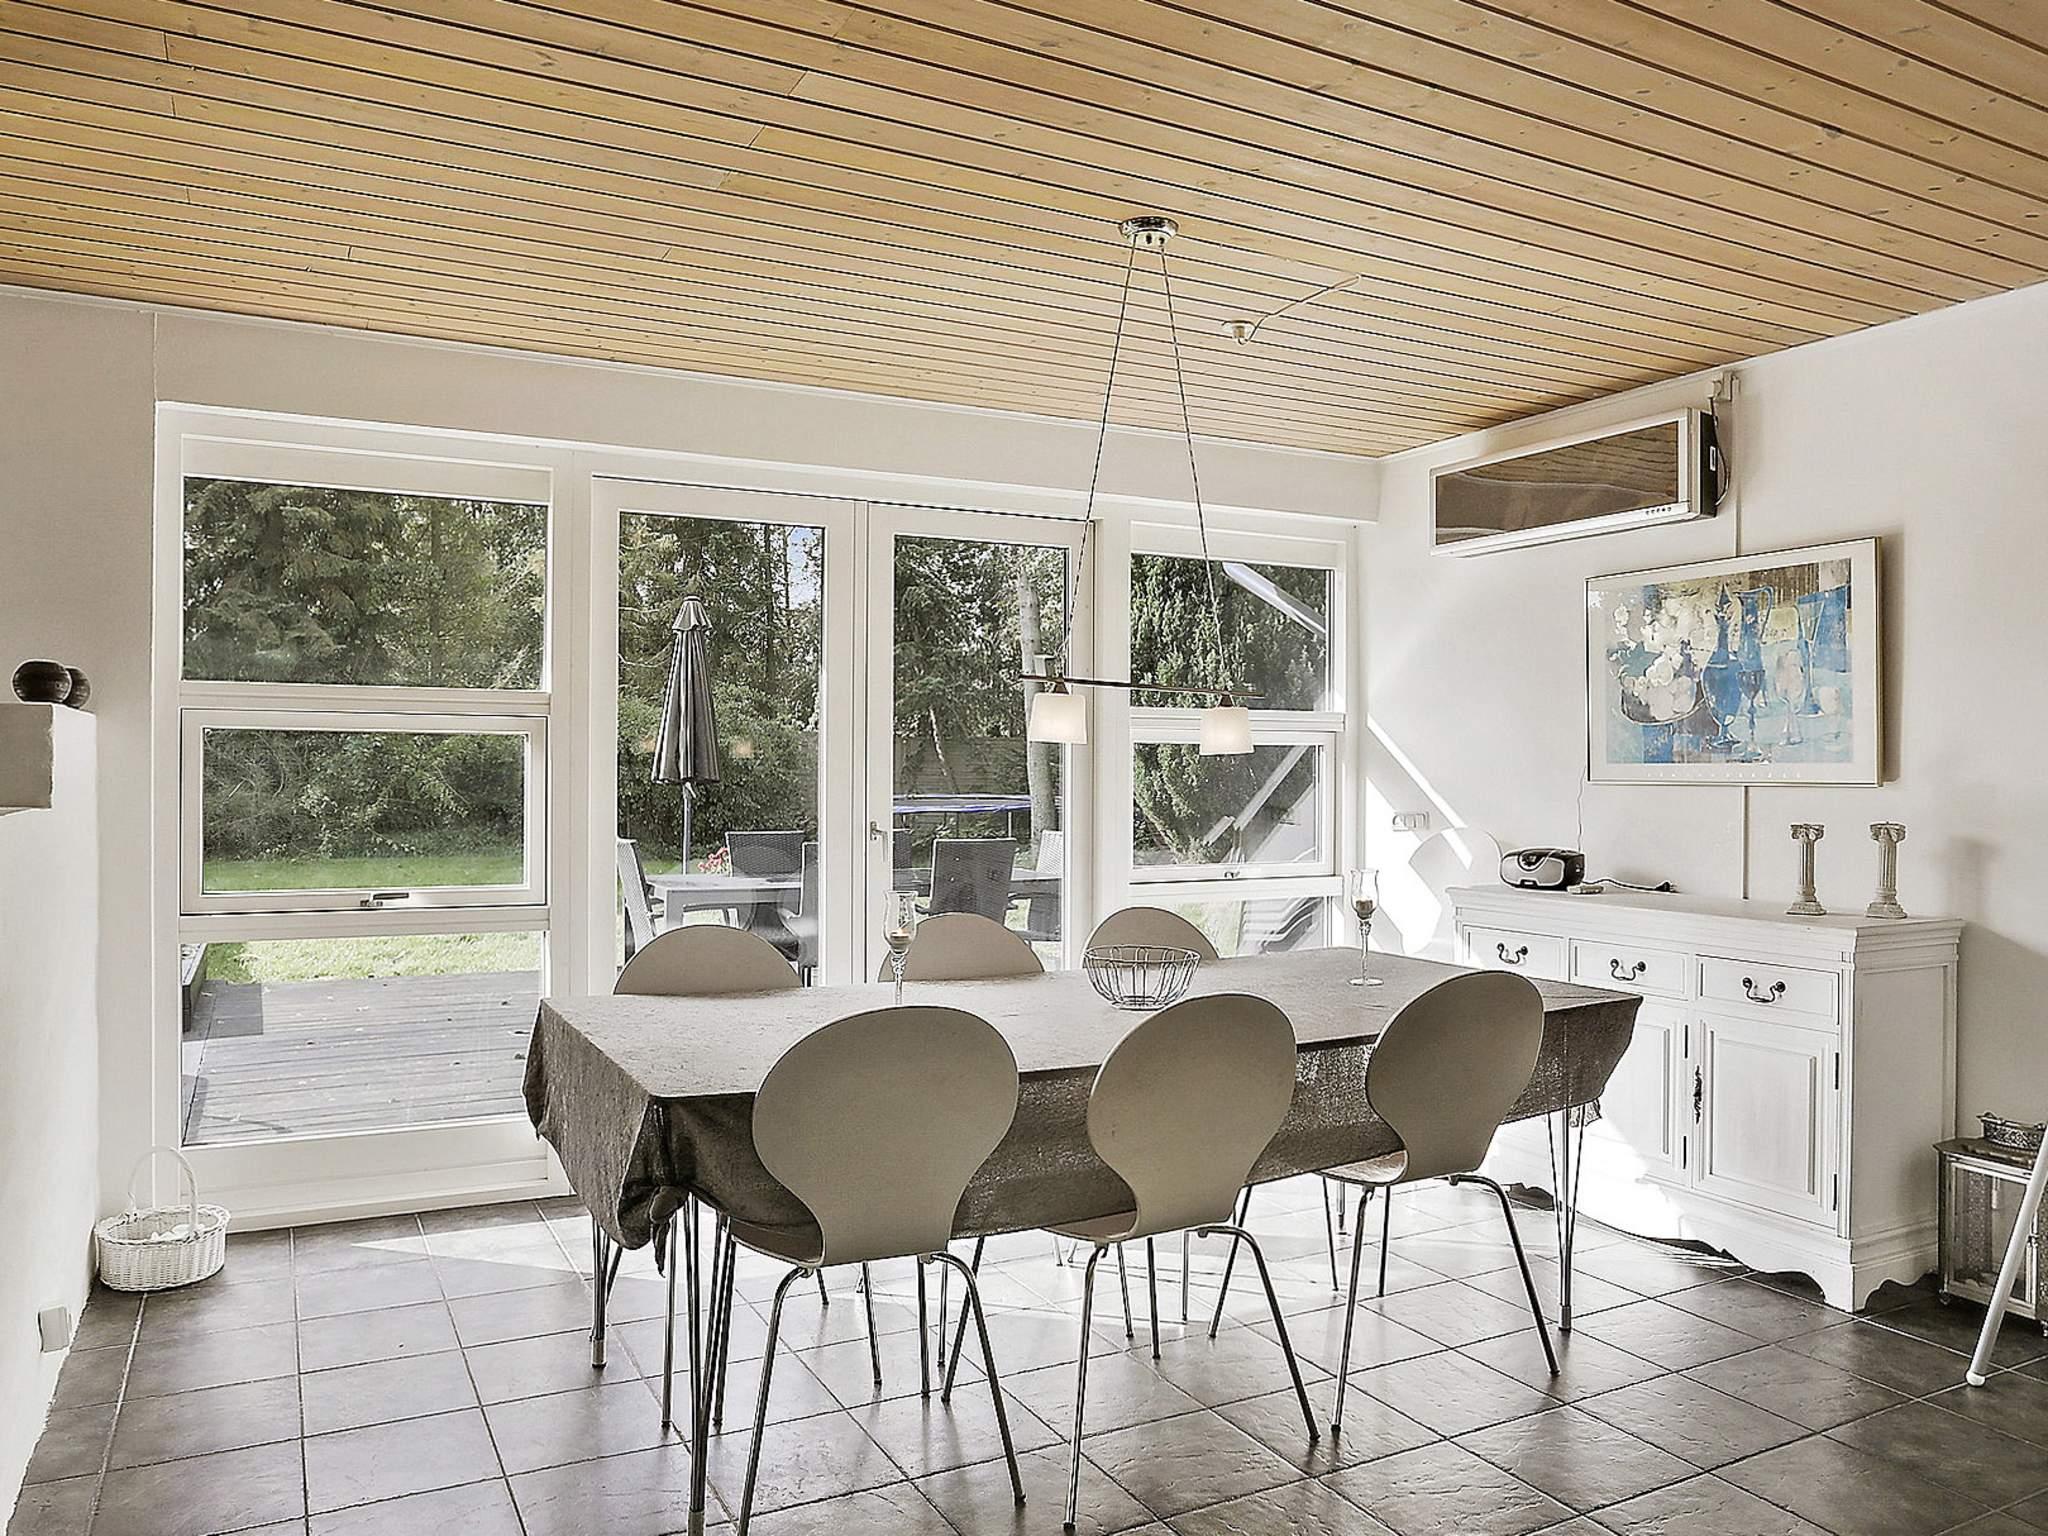 Ferienhaus Marielyst (93554), Marielyst, , Falster, Dänemark, Bild 2